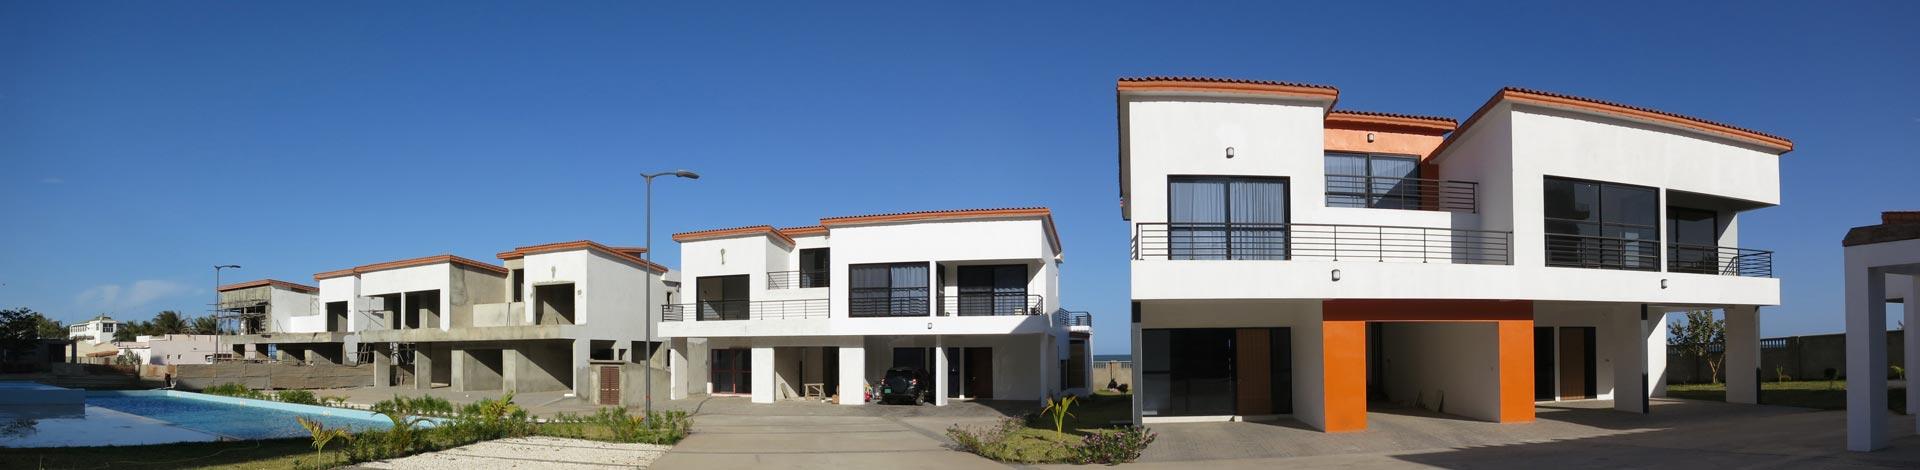 slider-villas3